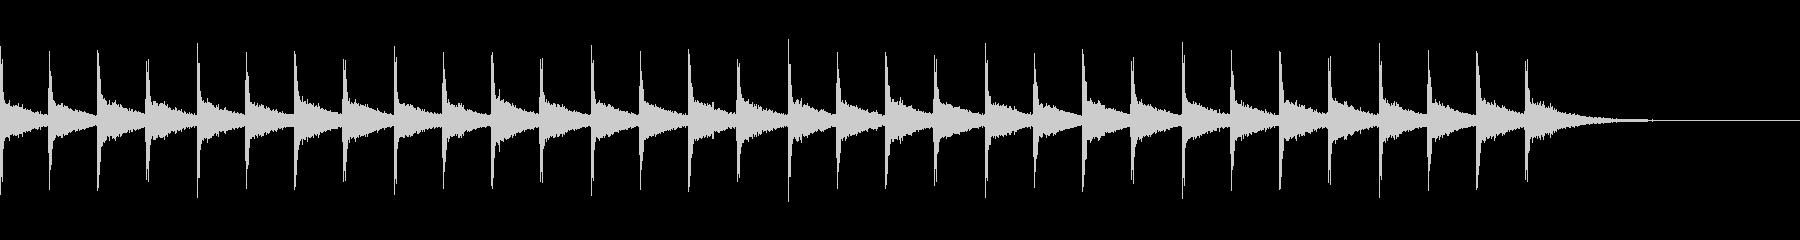 時計の秒針音(反響音あり)チクタク 3の未再生の波形